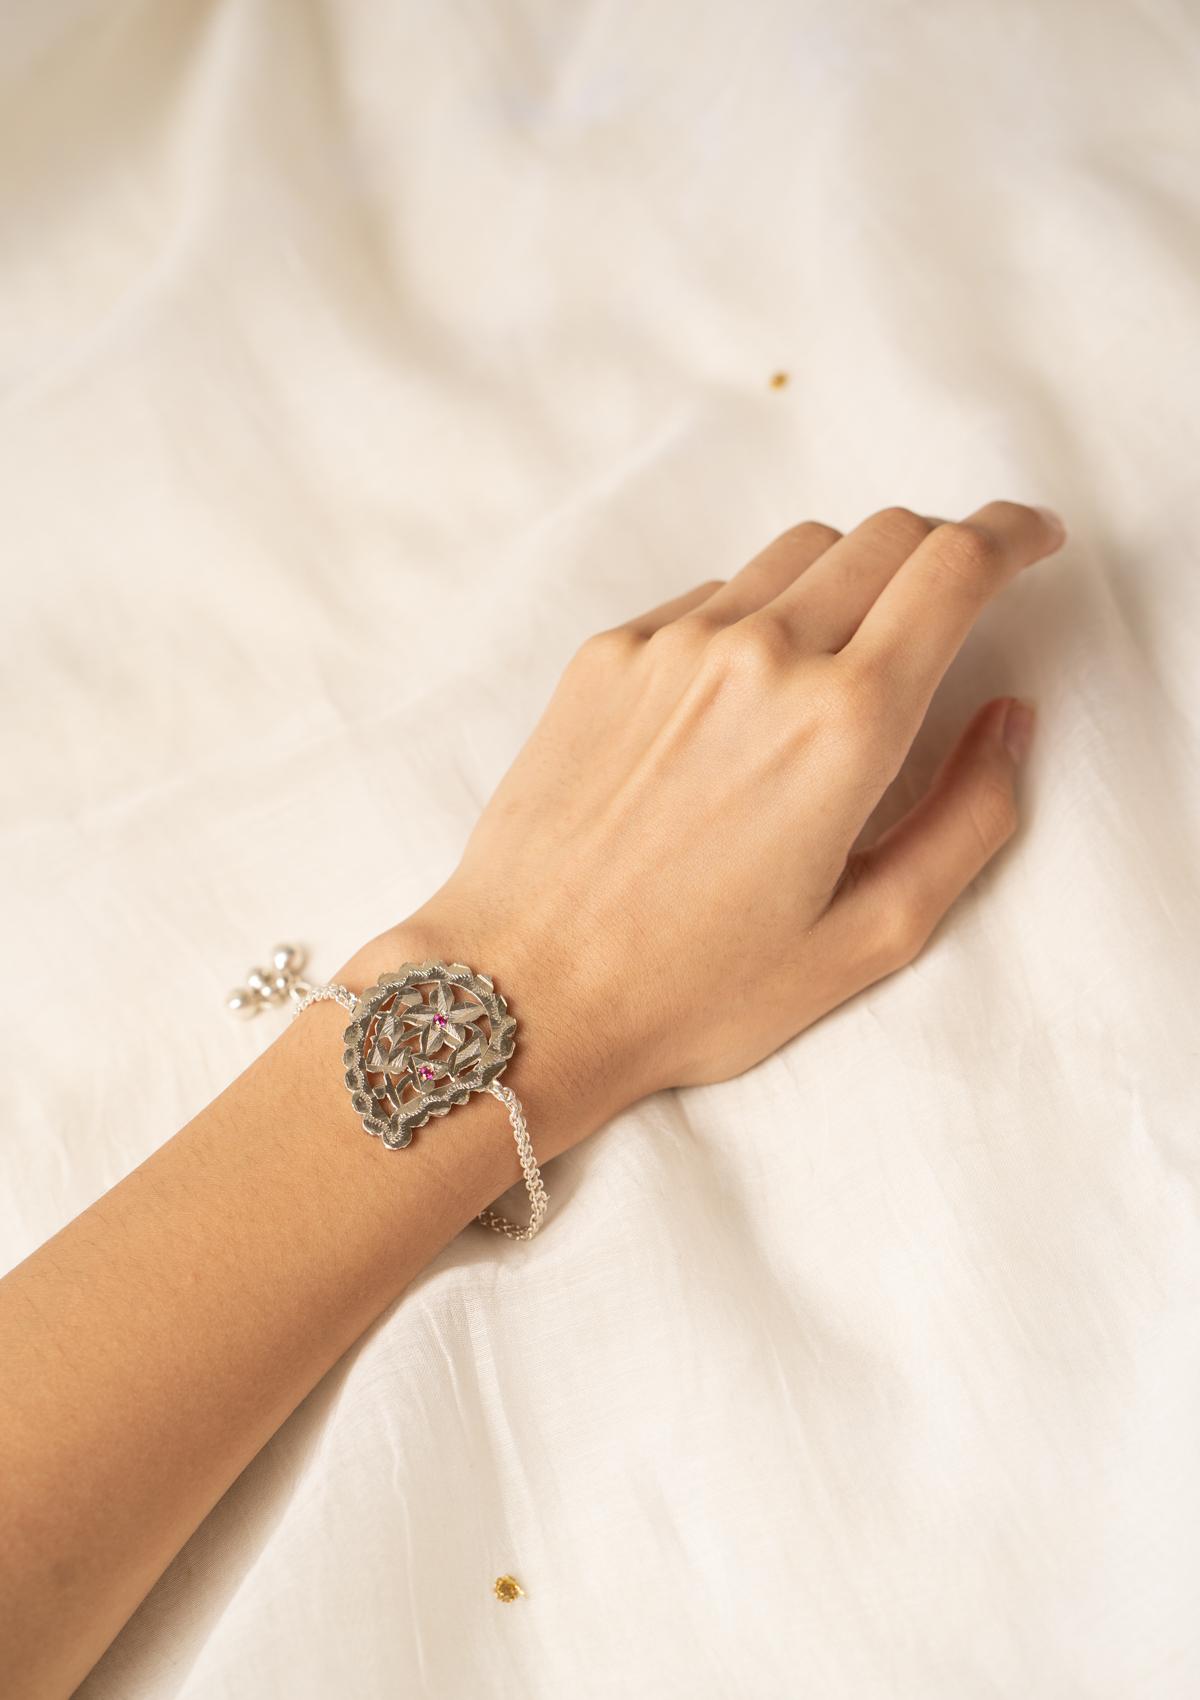 Suhana Silver Bracelet